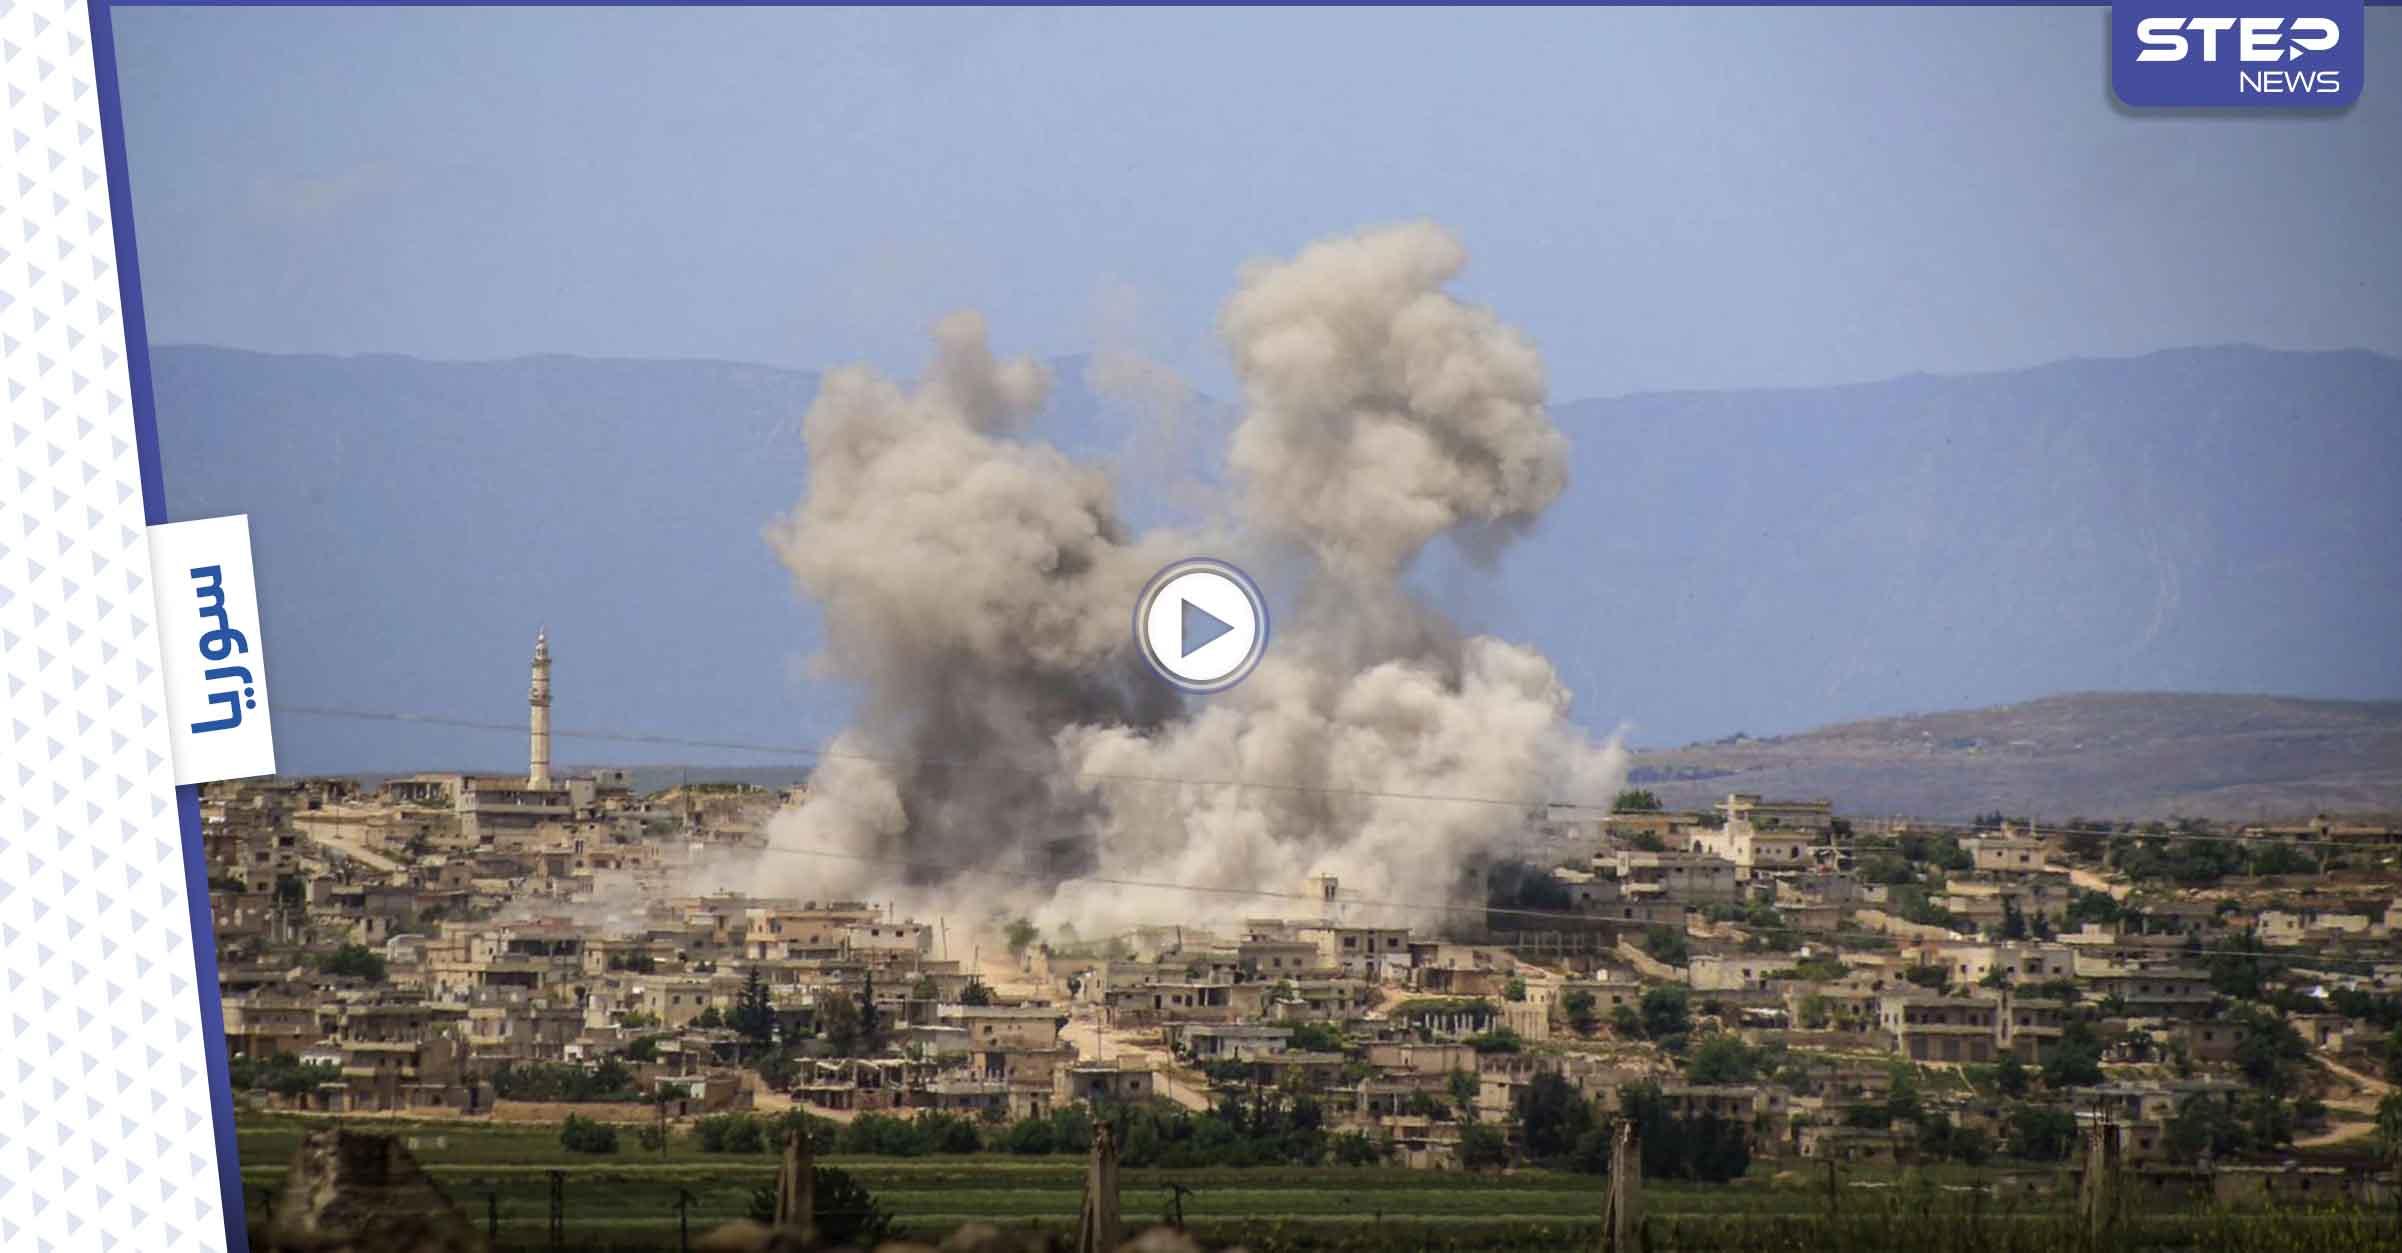 بالفيديو|| لحظة استهداف الطيران الروسي لمخبأ المتحدث العسكري باسم هيئة تحرير الشام ومقتله